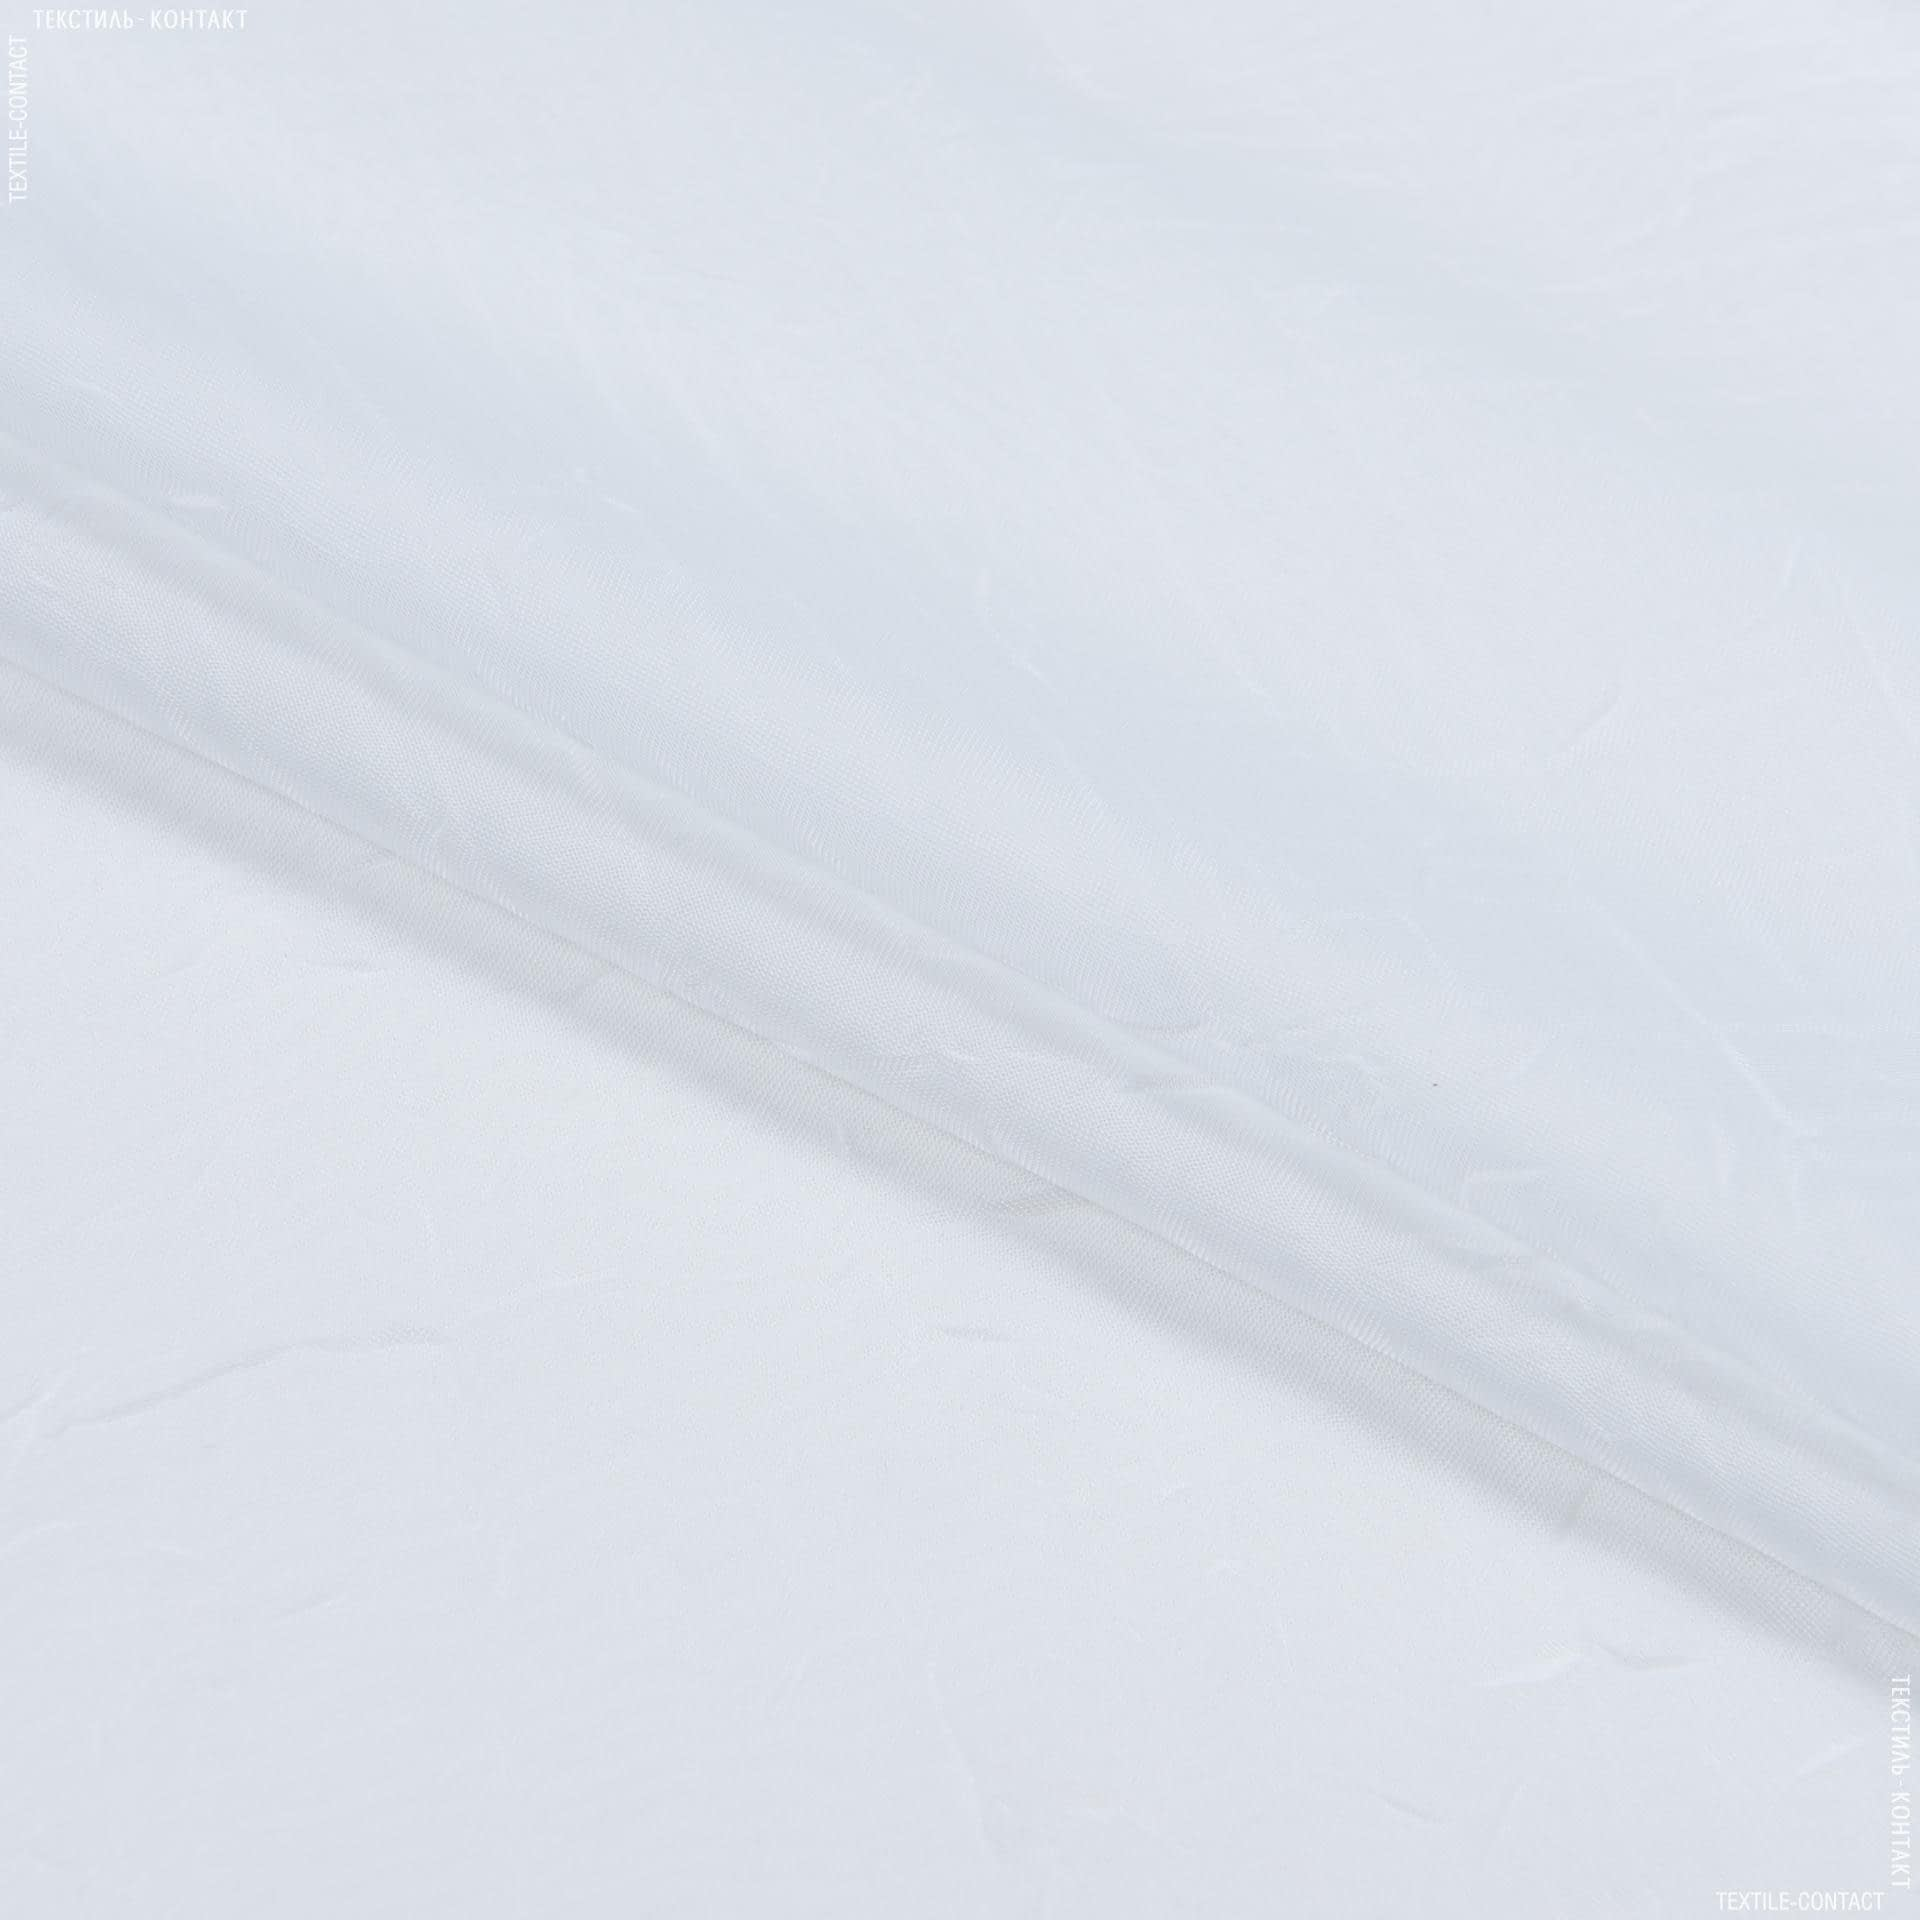 Тканини для драпірування стін і стель - Тюль   вуаль креш з обважнювачем біло-молочний 275 +10 СМ